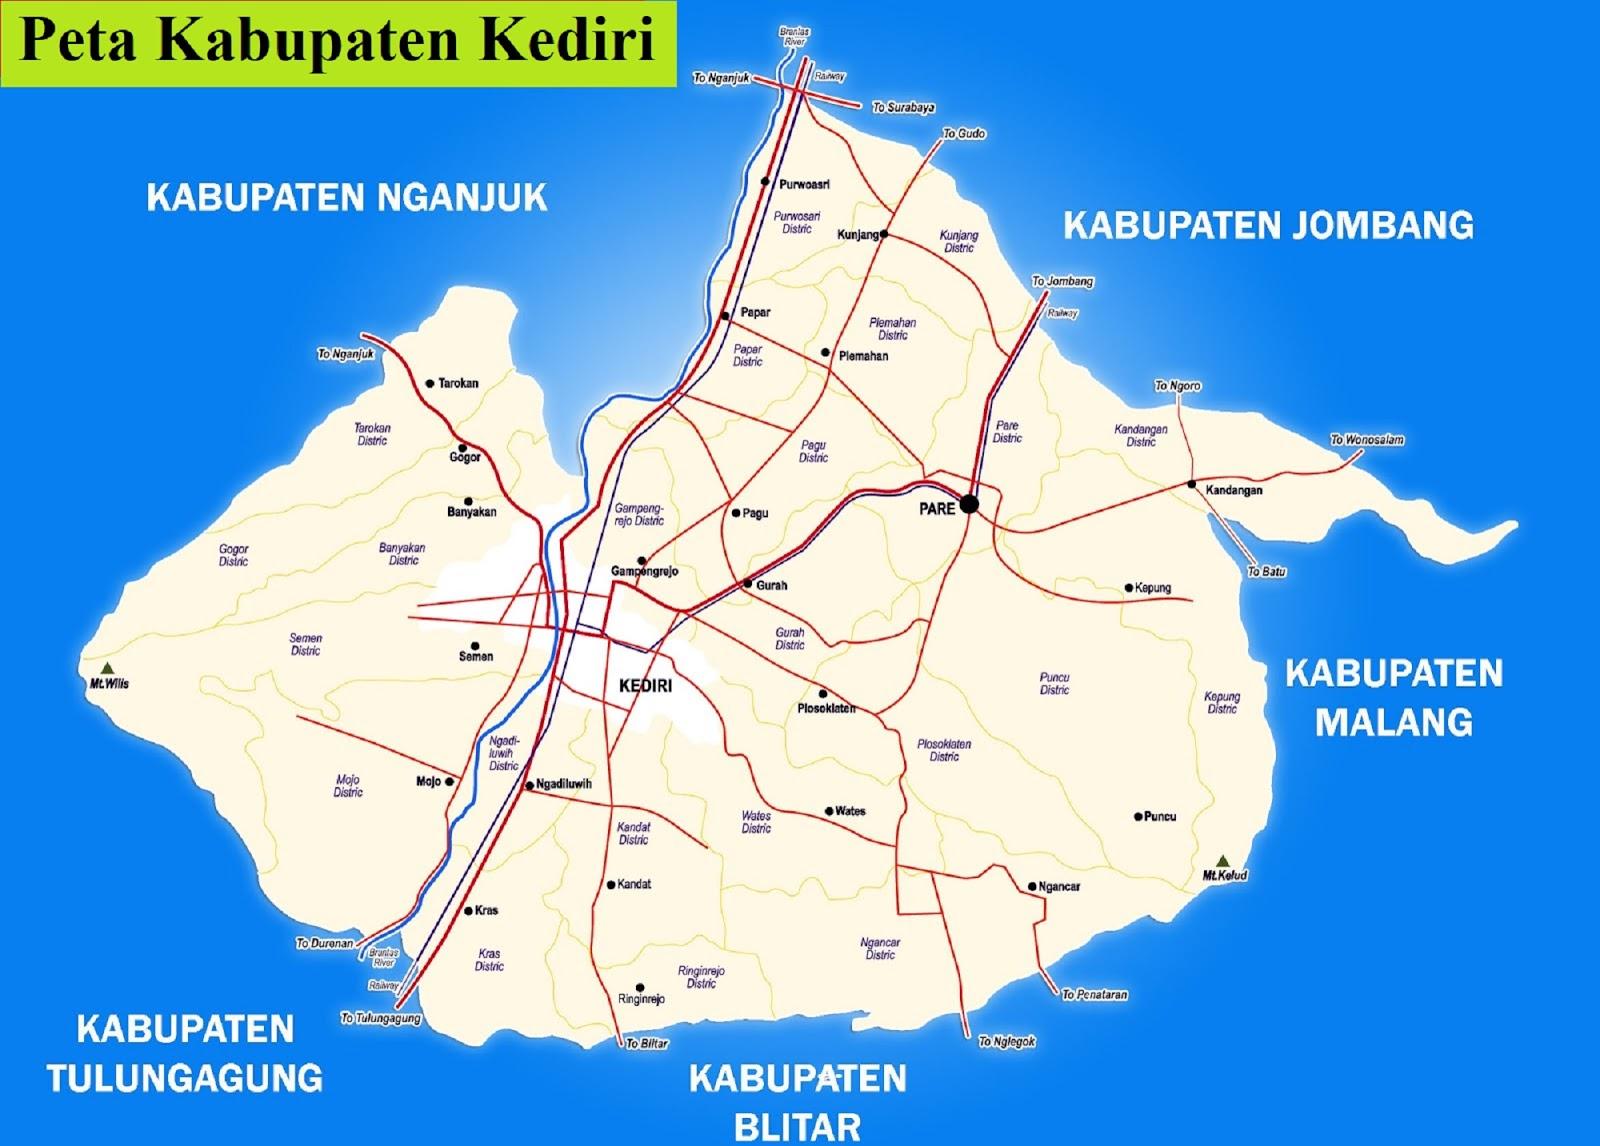 Peta Kabupaten Kediri HD